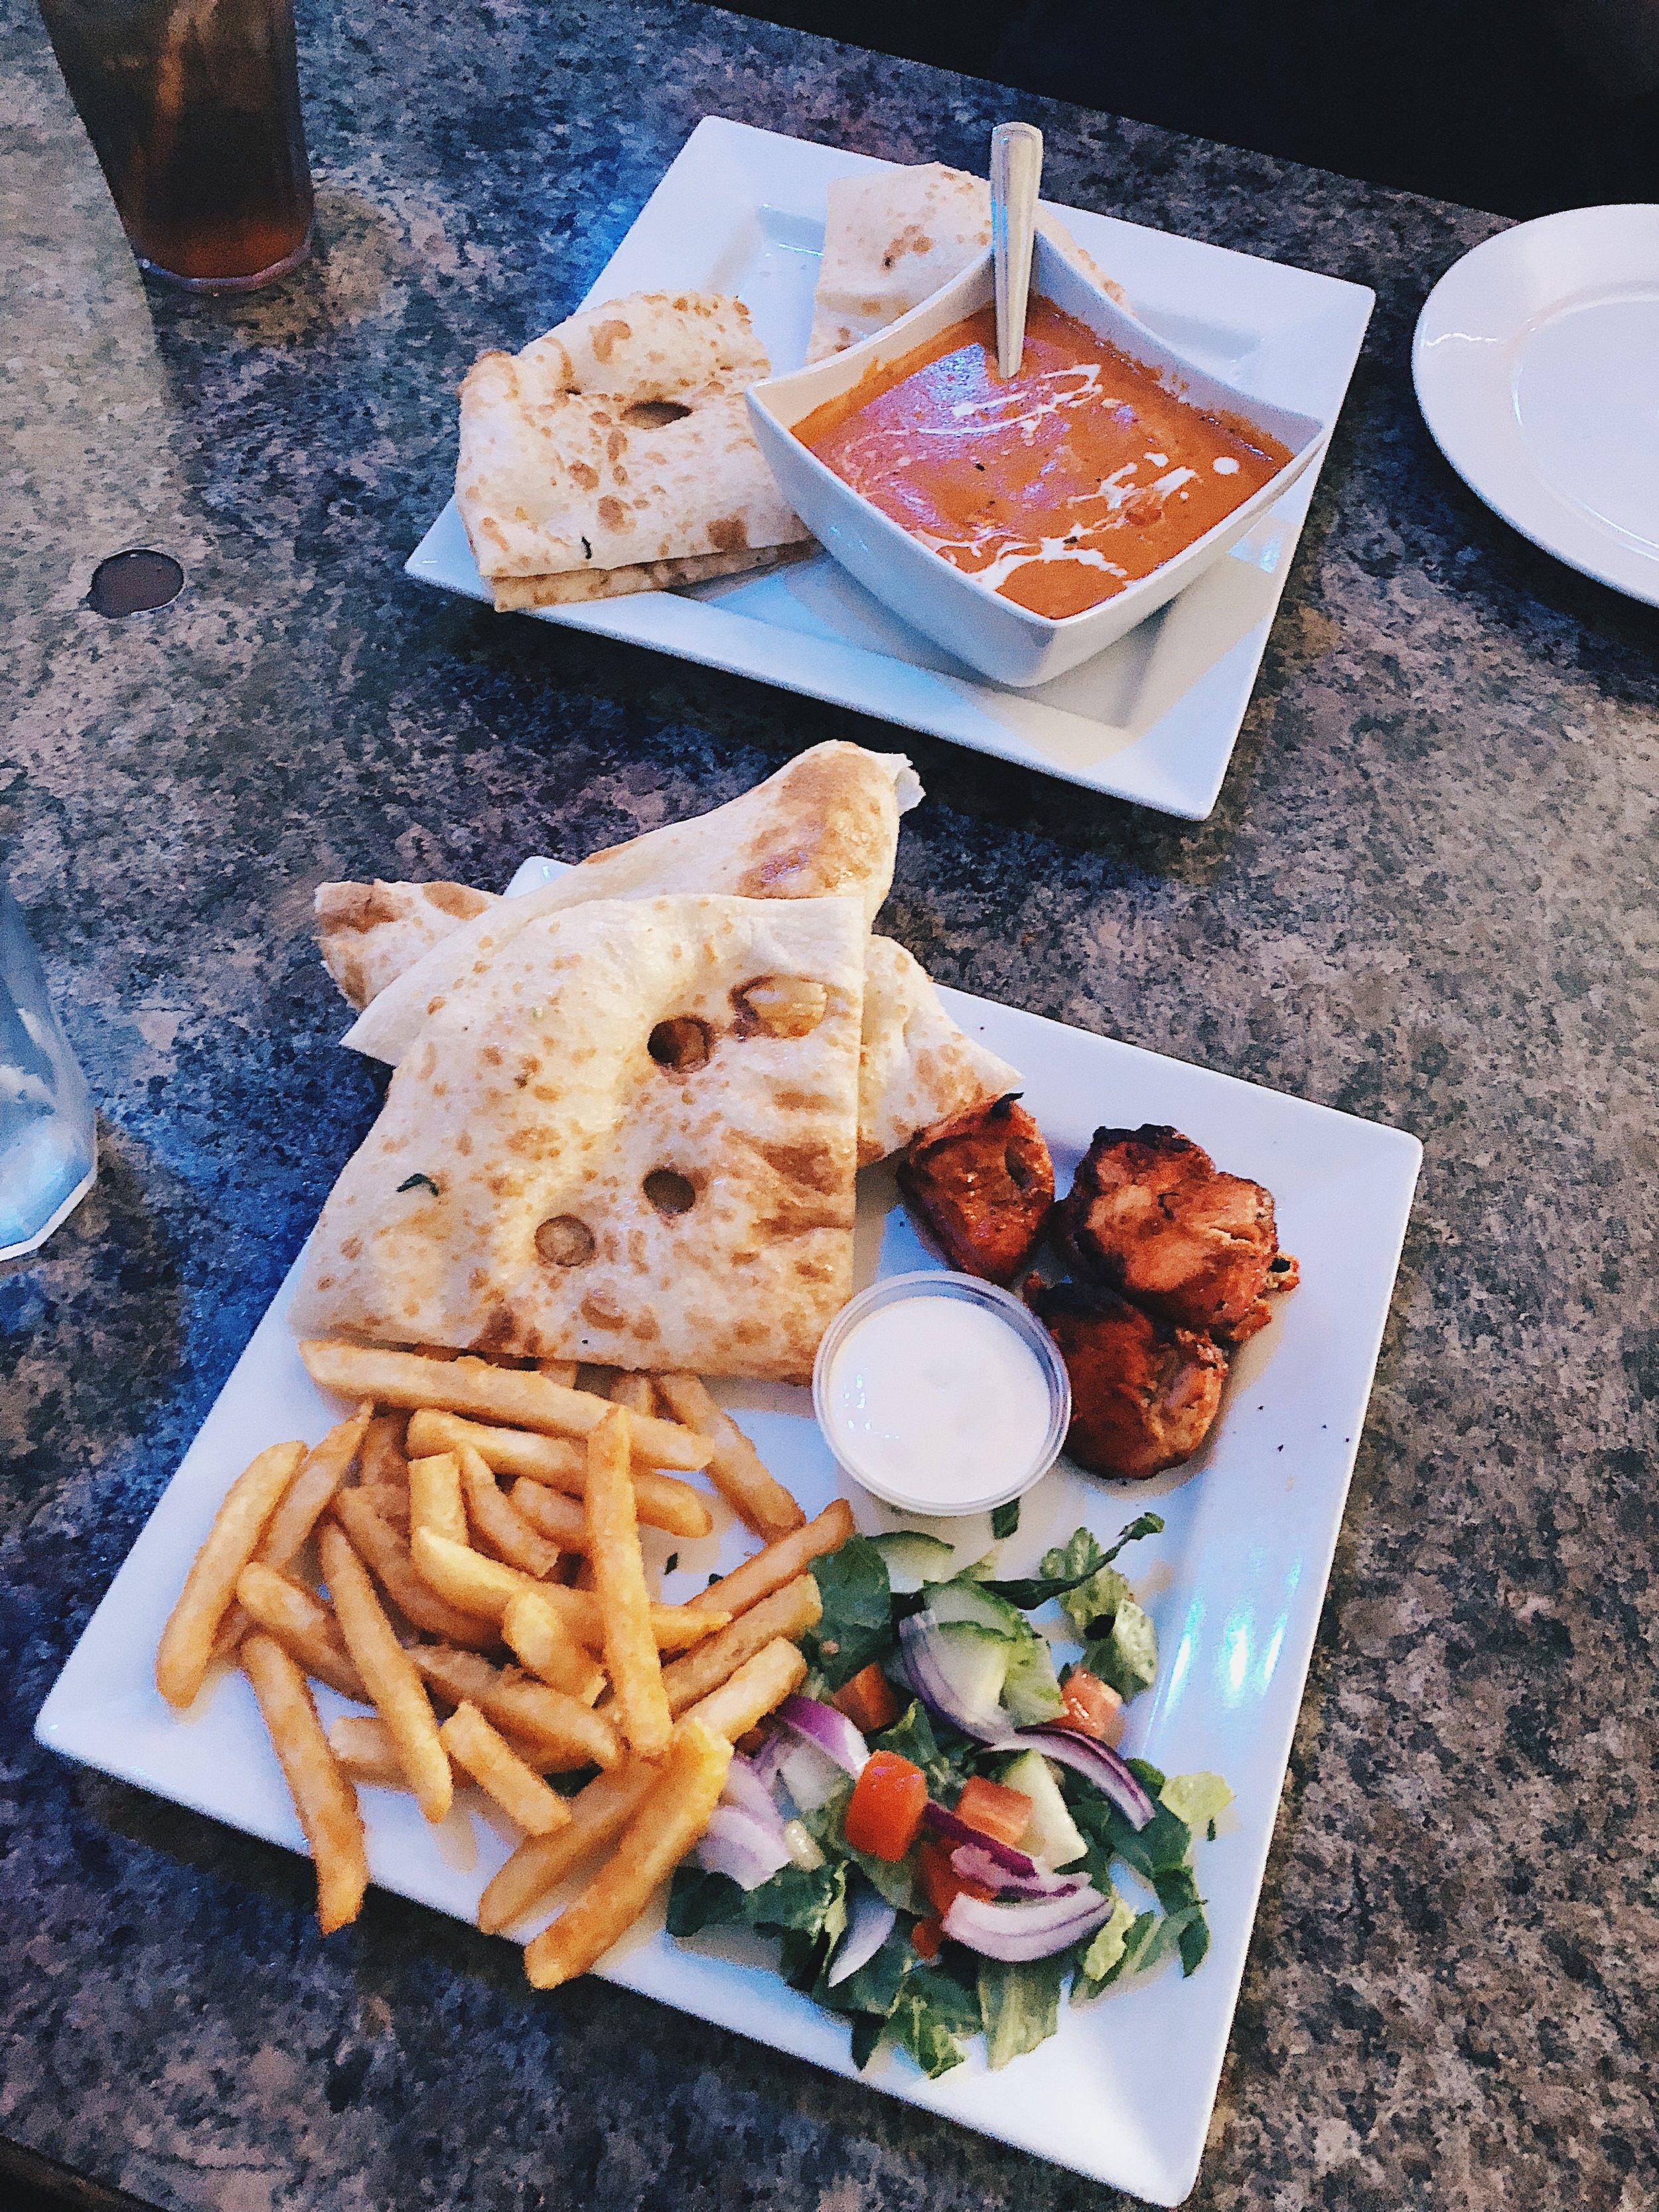 Chicken Tikka Platter with Garlic Naan, Garlic Sauce